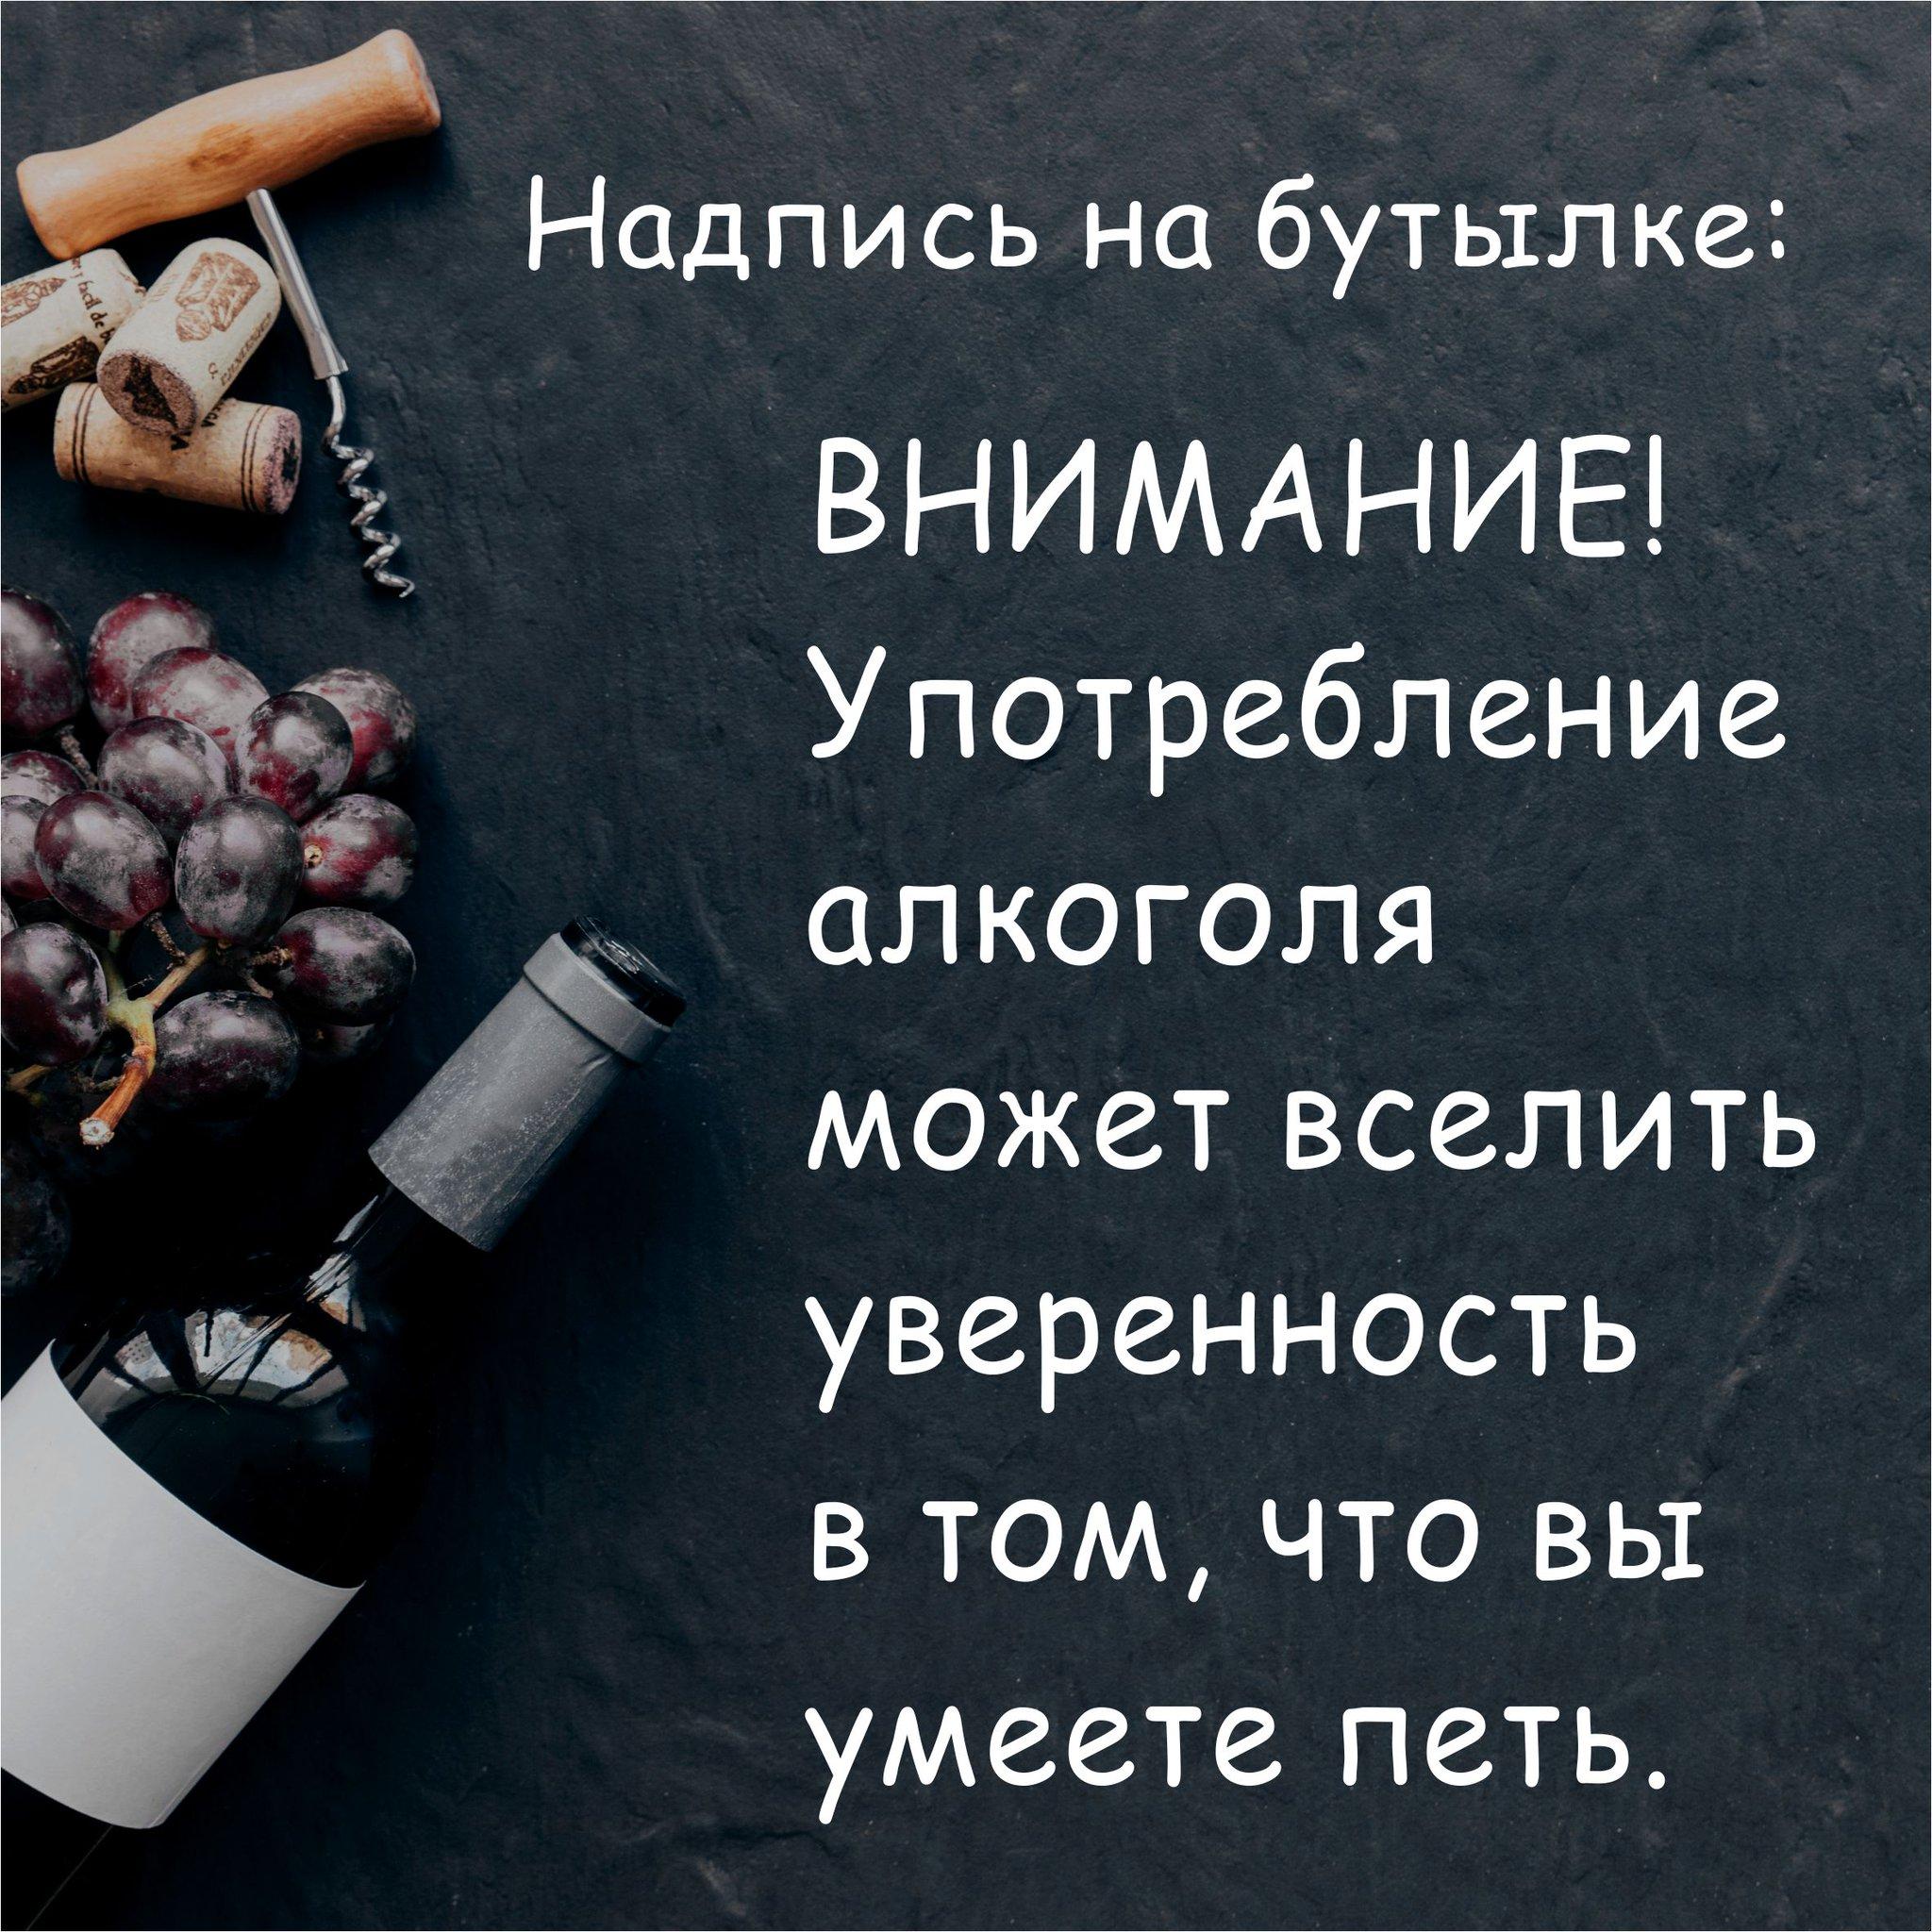 Юбилеем, прикольные картинки с надписью про пьянки